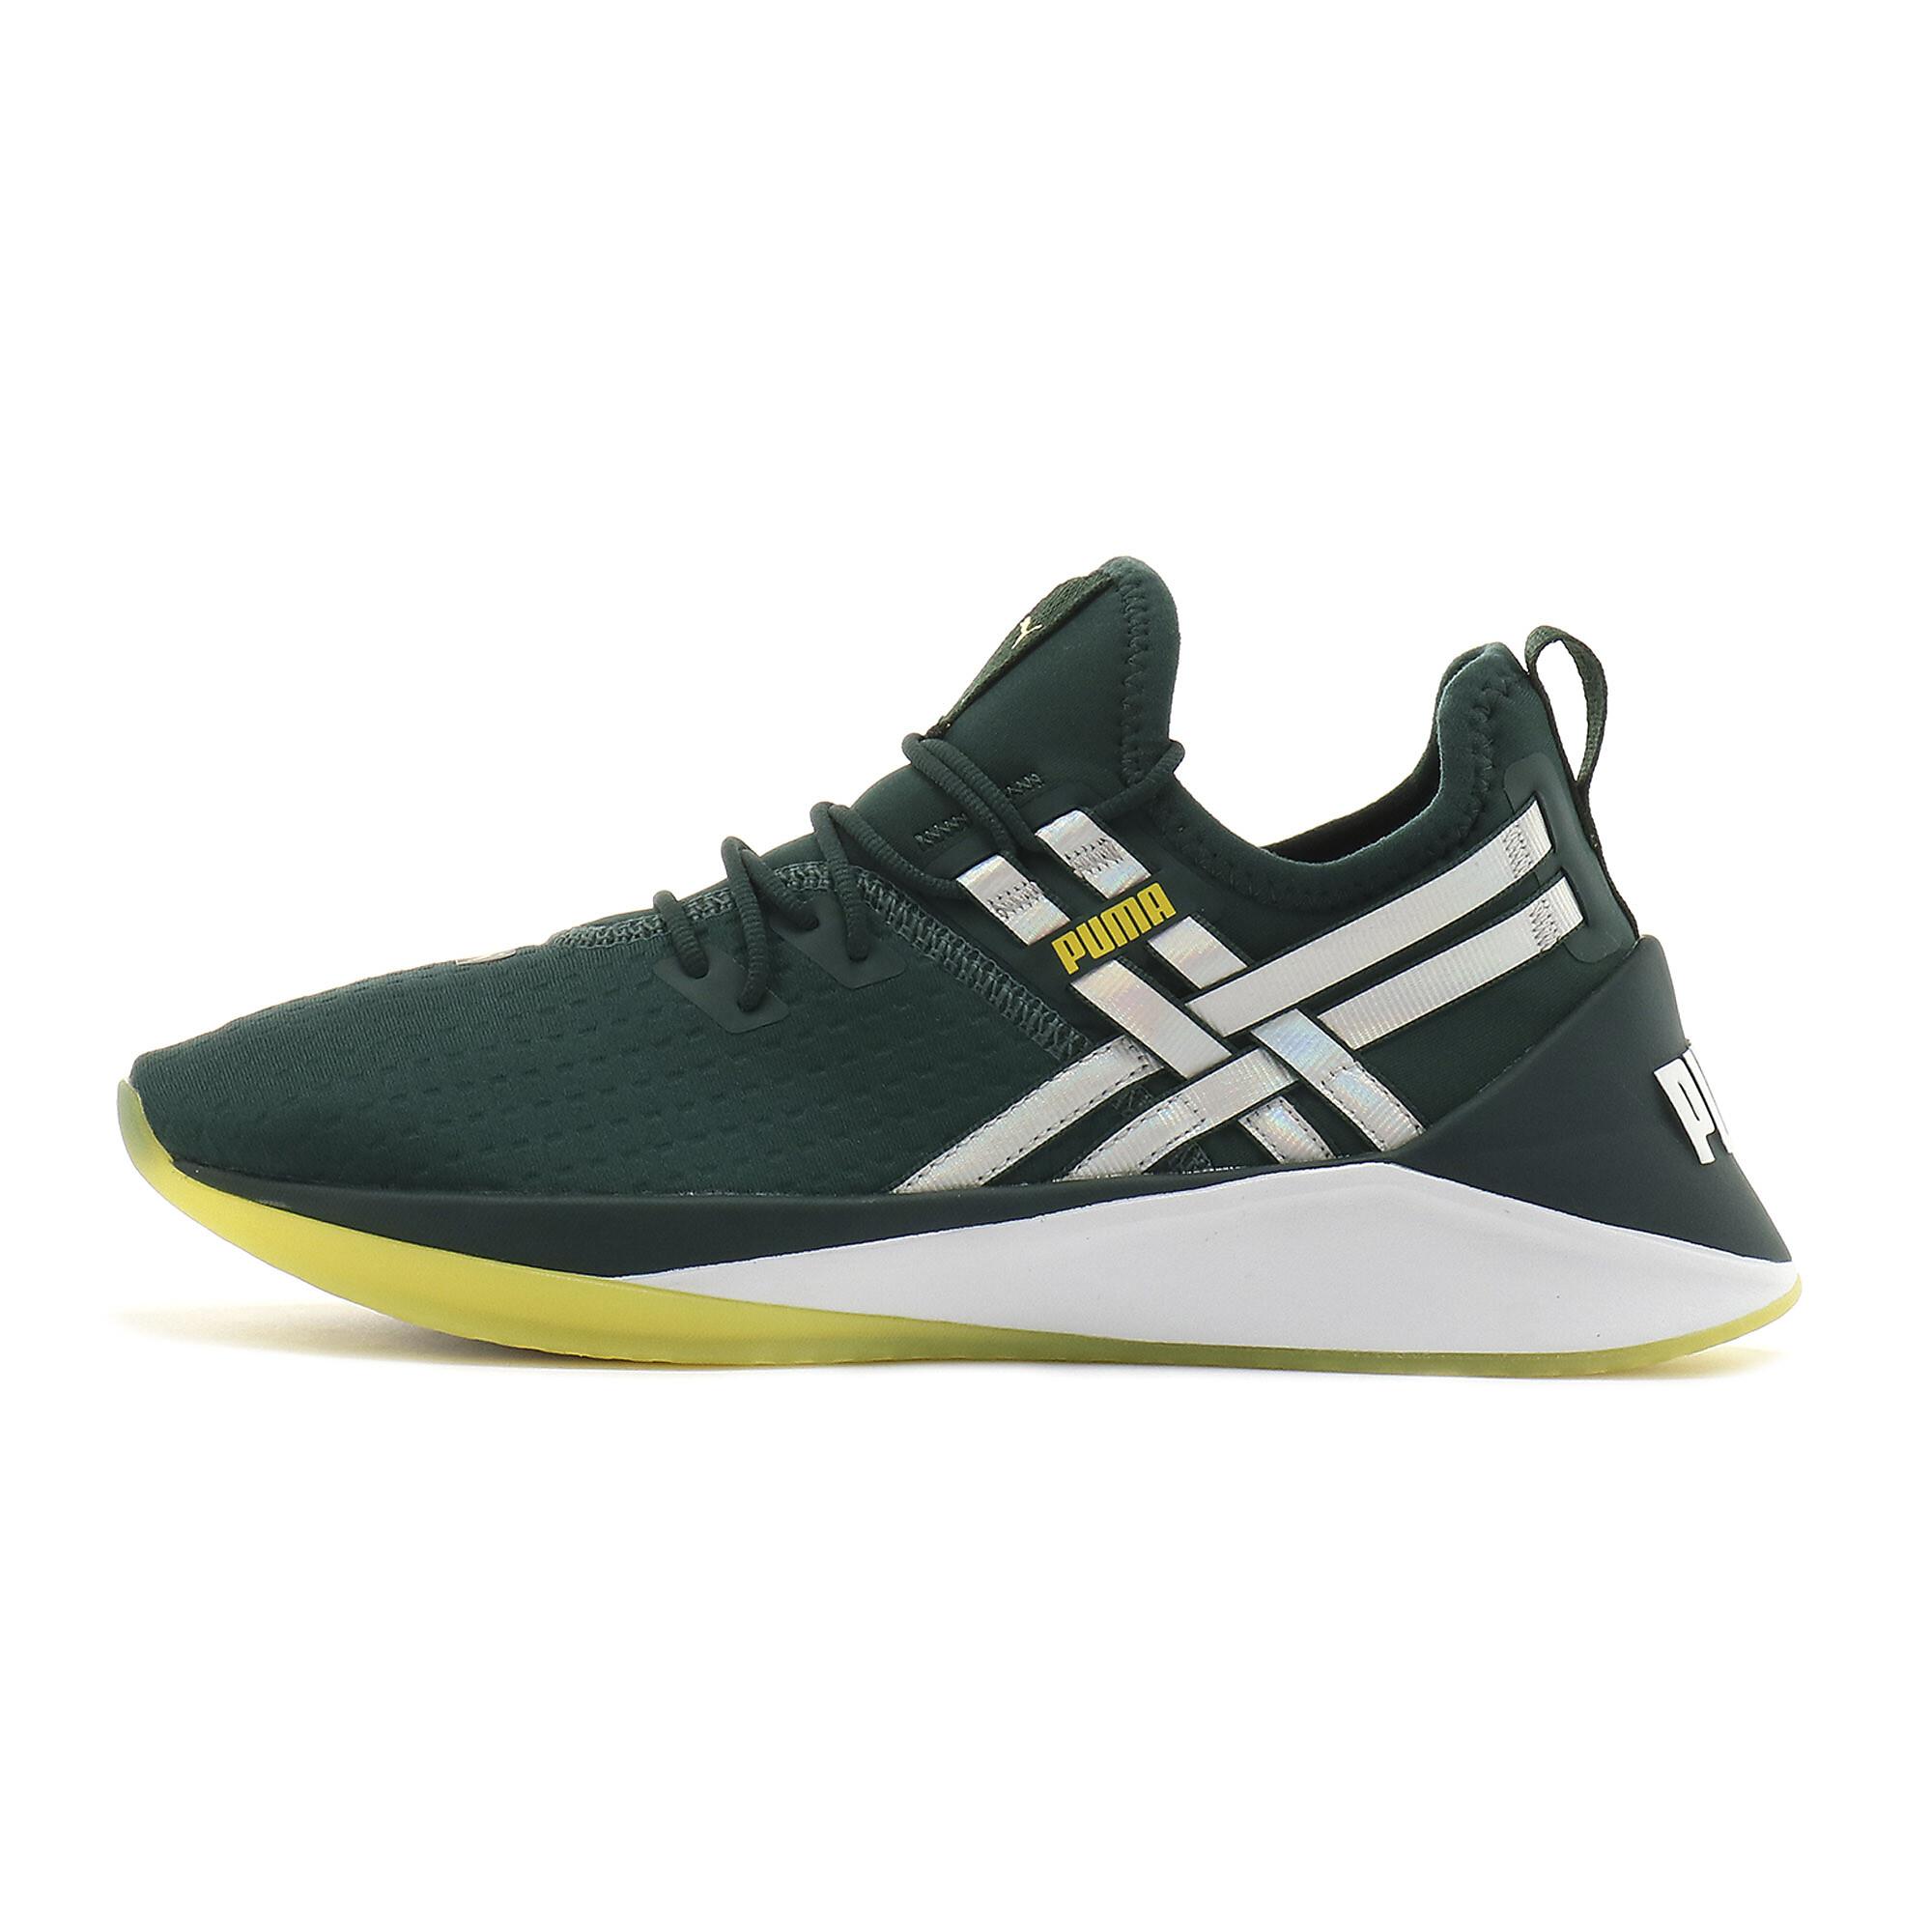 Image Puma Jaab XT TZ Women's Training Shoes #1